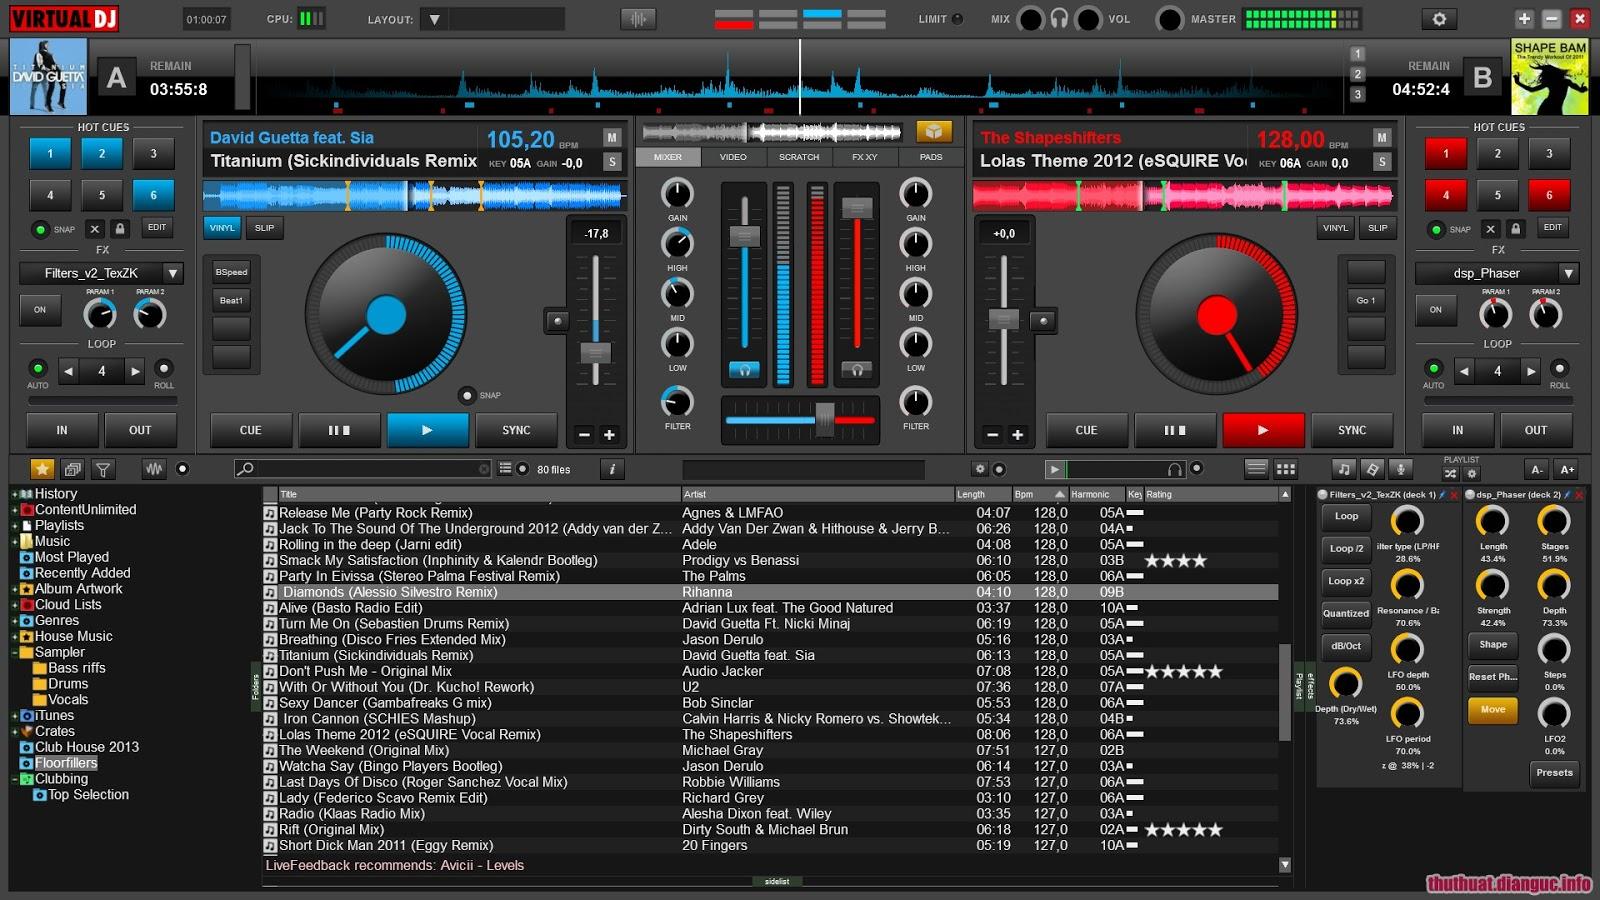 Download VirtualDJ PRO 8.2 Full Crack - Mix nhạc chuyên nghiệp